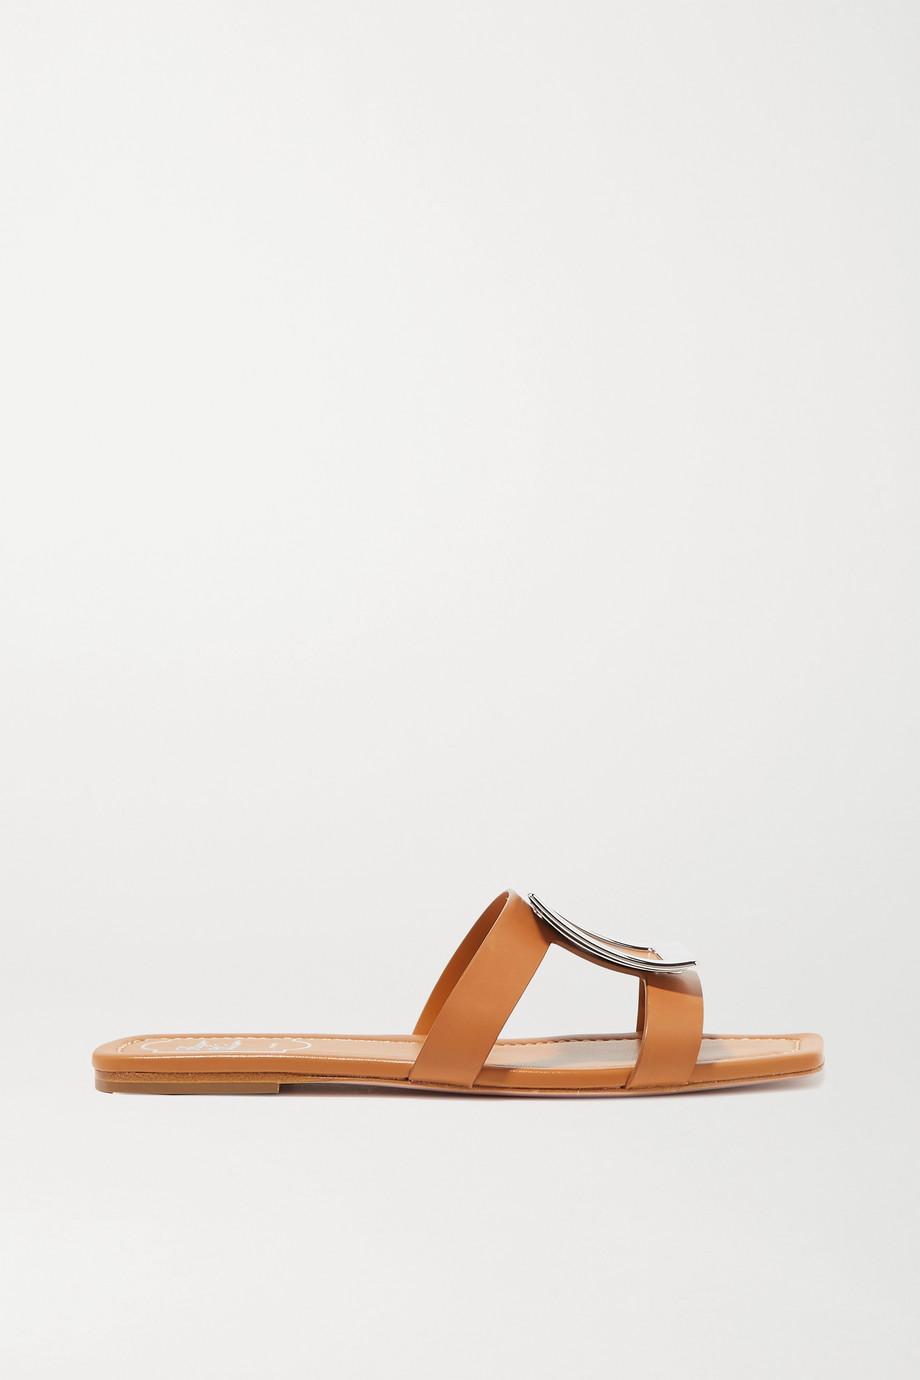 Roger Vivier Bikiviv' embellished leather slides